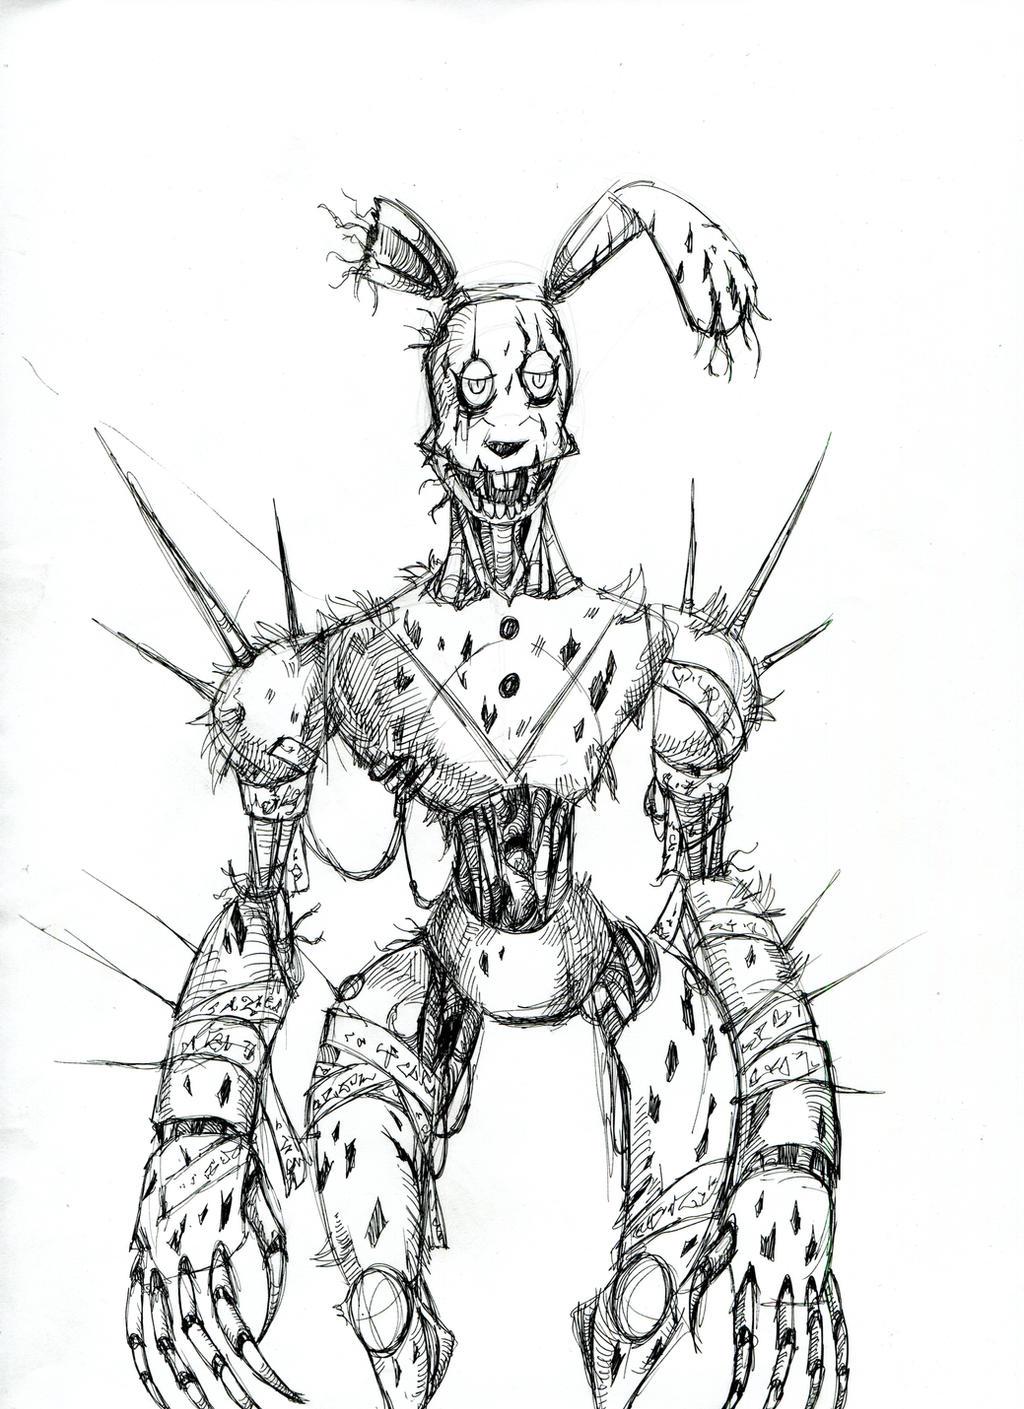 Cyberpunk Springtrap by winddragon24 on DeviantArt